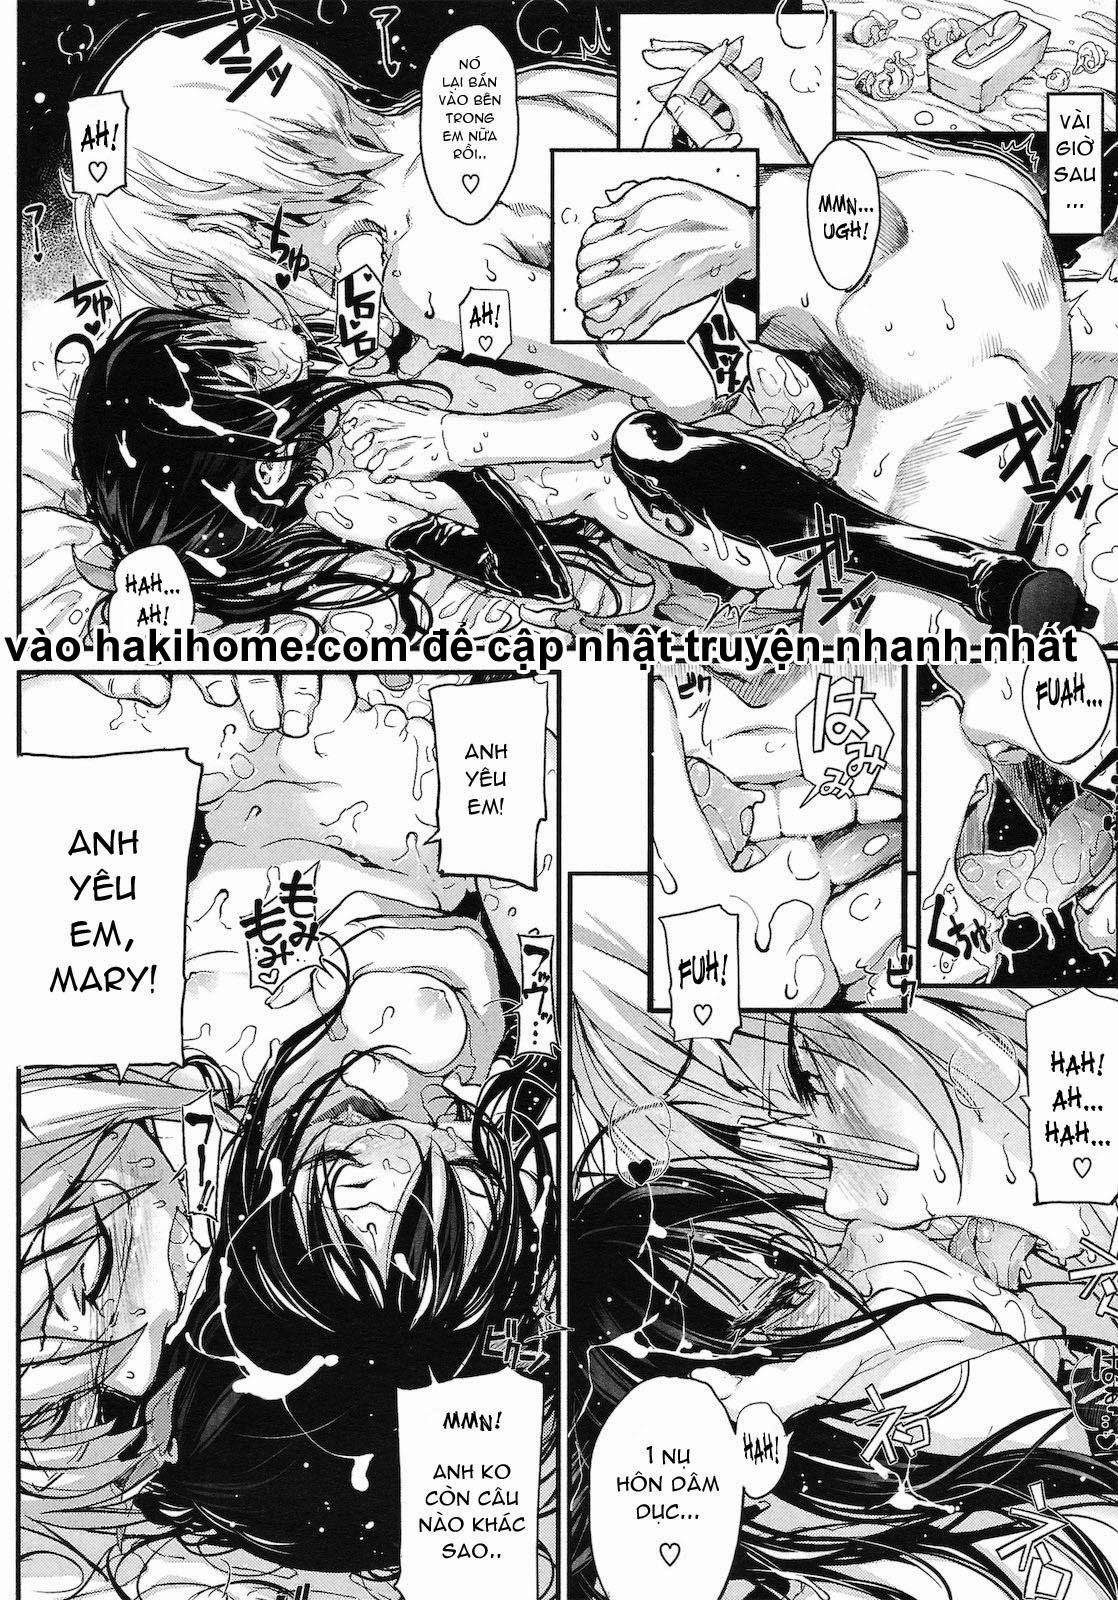 Hình ảnh hakihome_hentai_manga_undead%2Bprince_030 trong bài viết Nữ hoàng loli